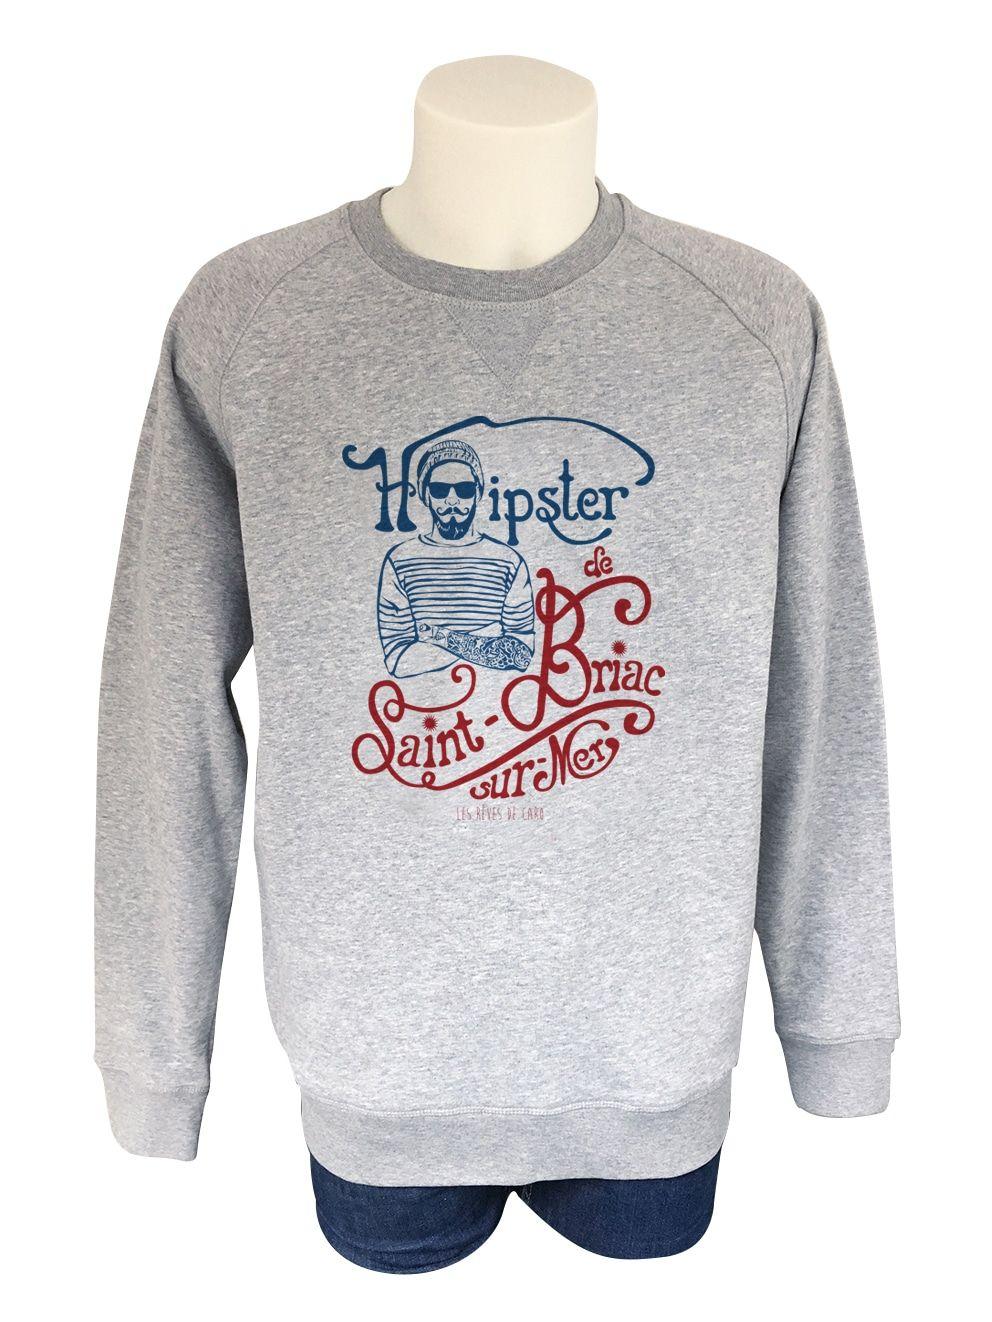 Rêves Homme Briac Sur Les Saint Shirt Hipster Caro Sweat Mer